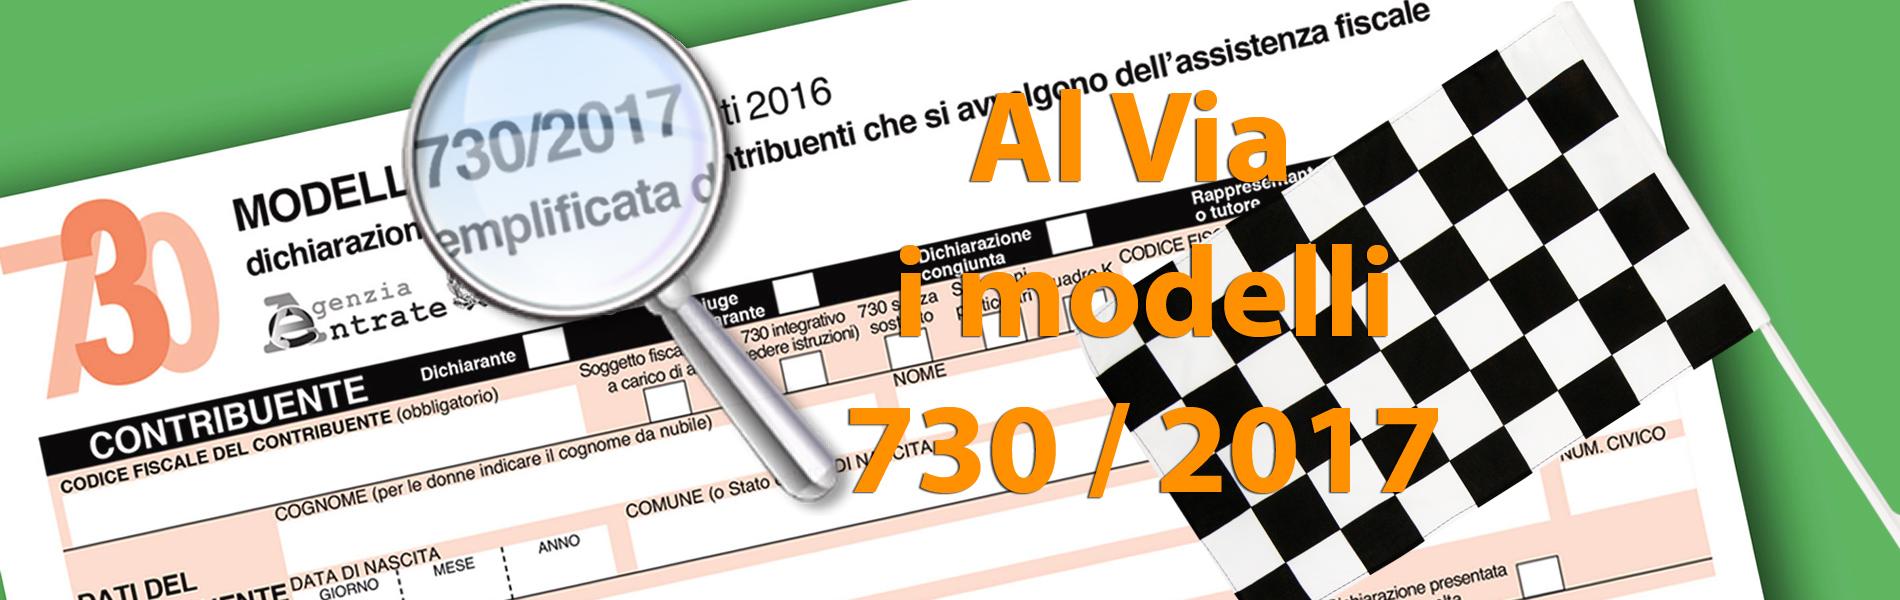 Modello 730 2017 zip ita compilazione modello fiscale 730 - Presentazione 730 scadenza 2017 ...